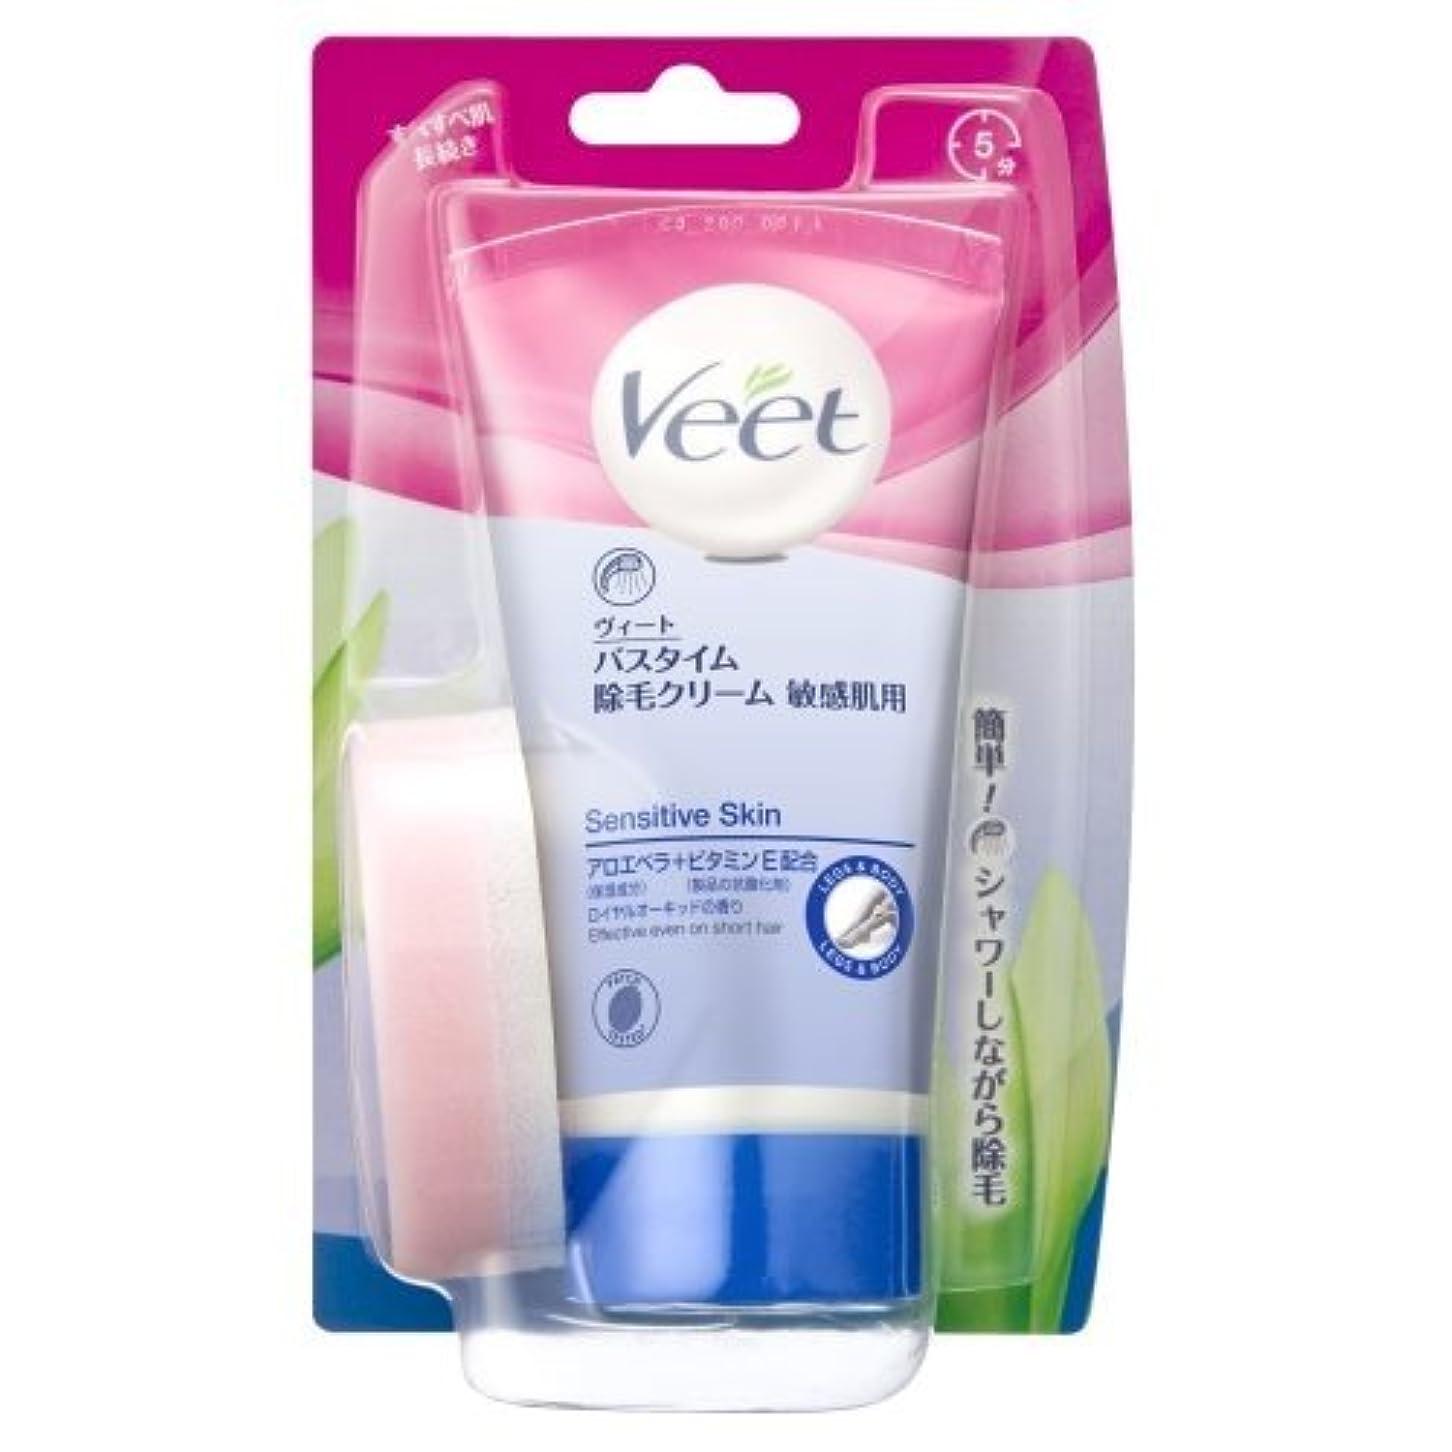 群れ採用フォージヴィート バスタイム 除毛クリーム 敏感肌用 150g (Veet In Shower Hair Removal Cream Sensitive 150g)